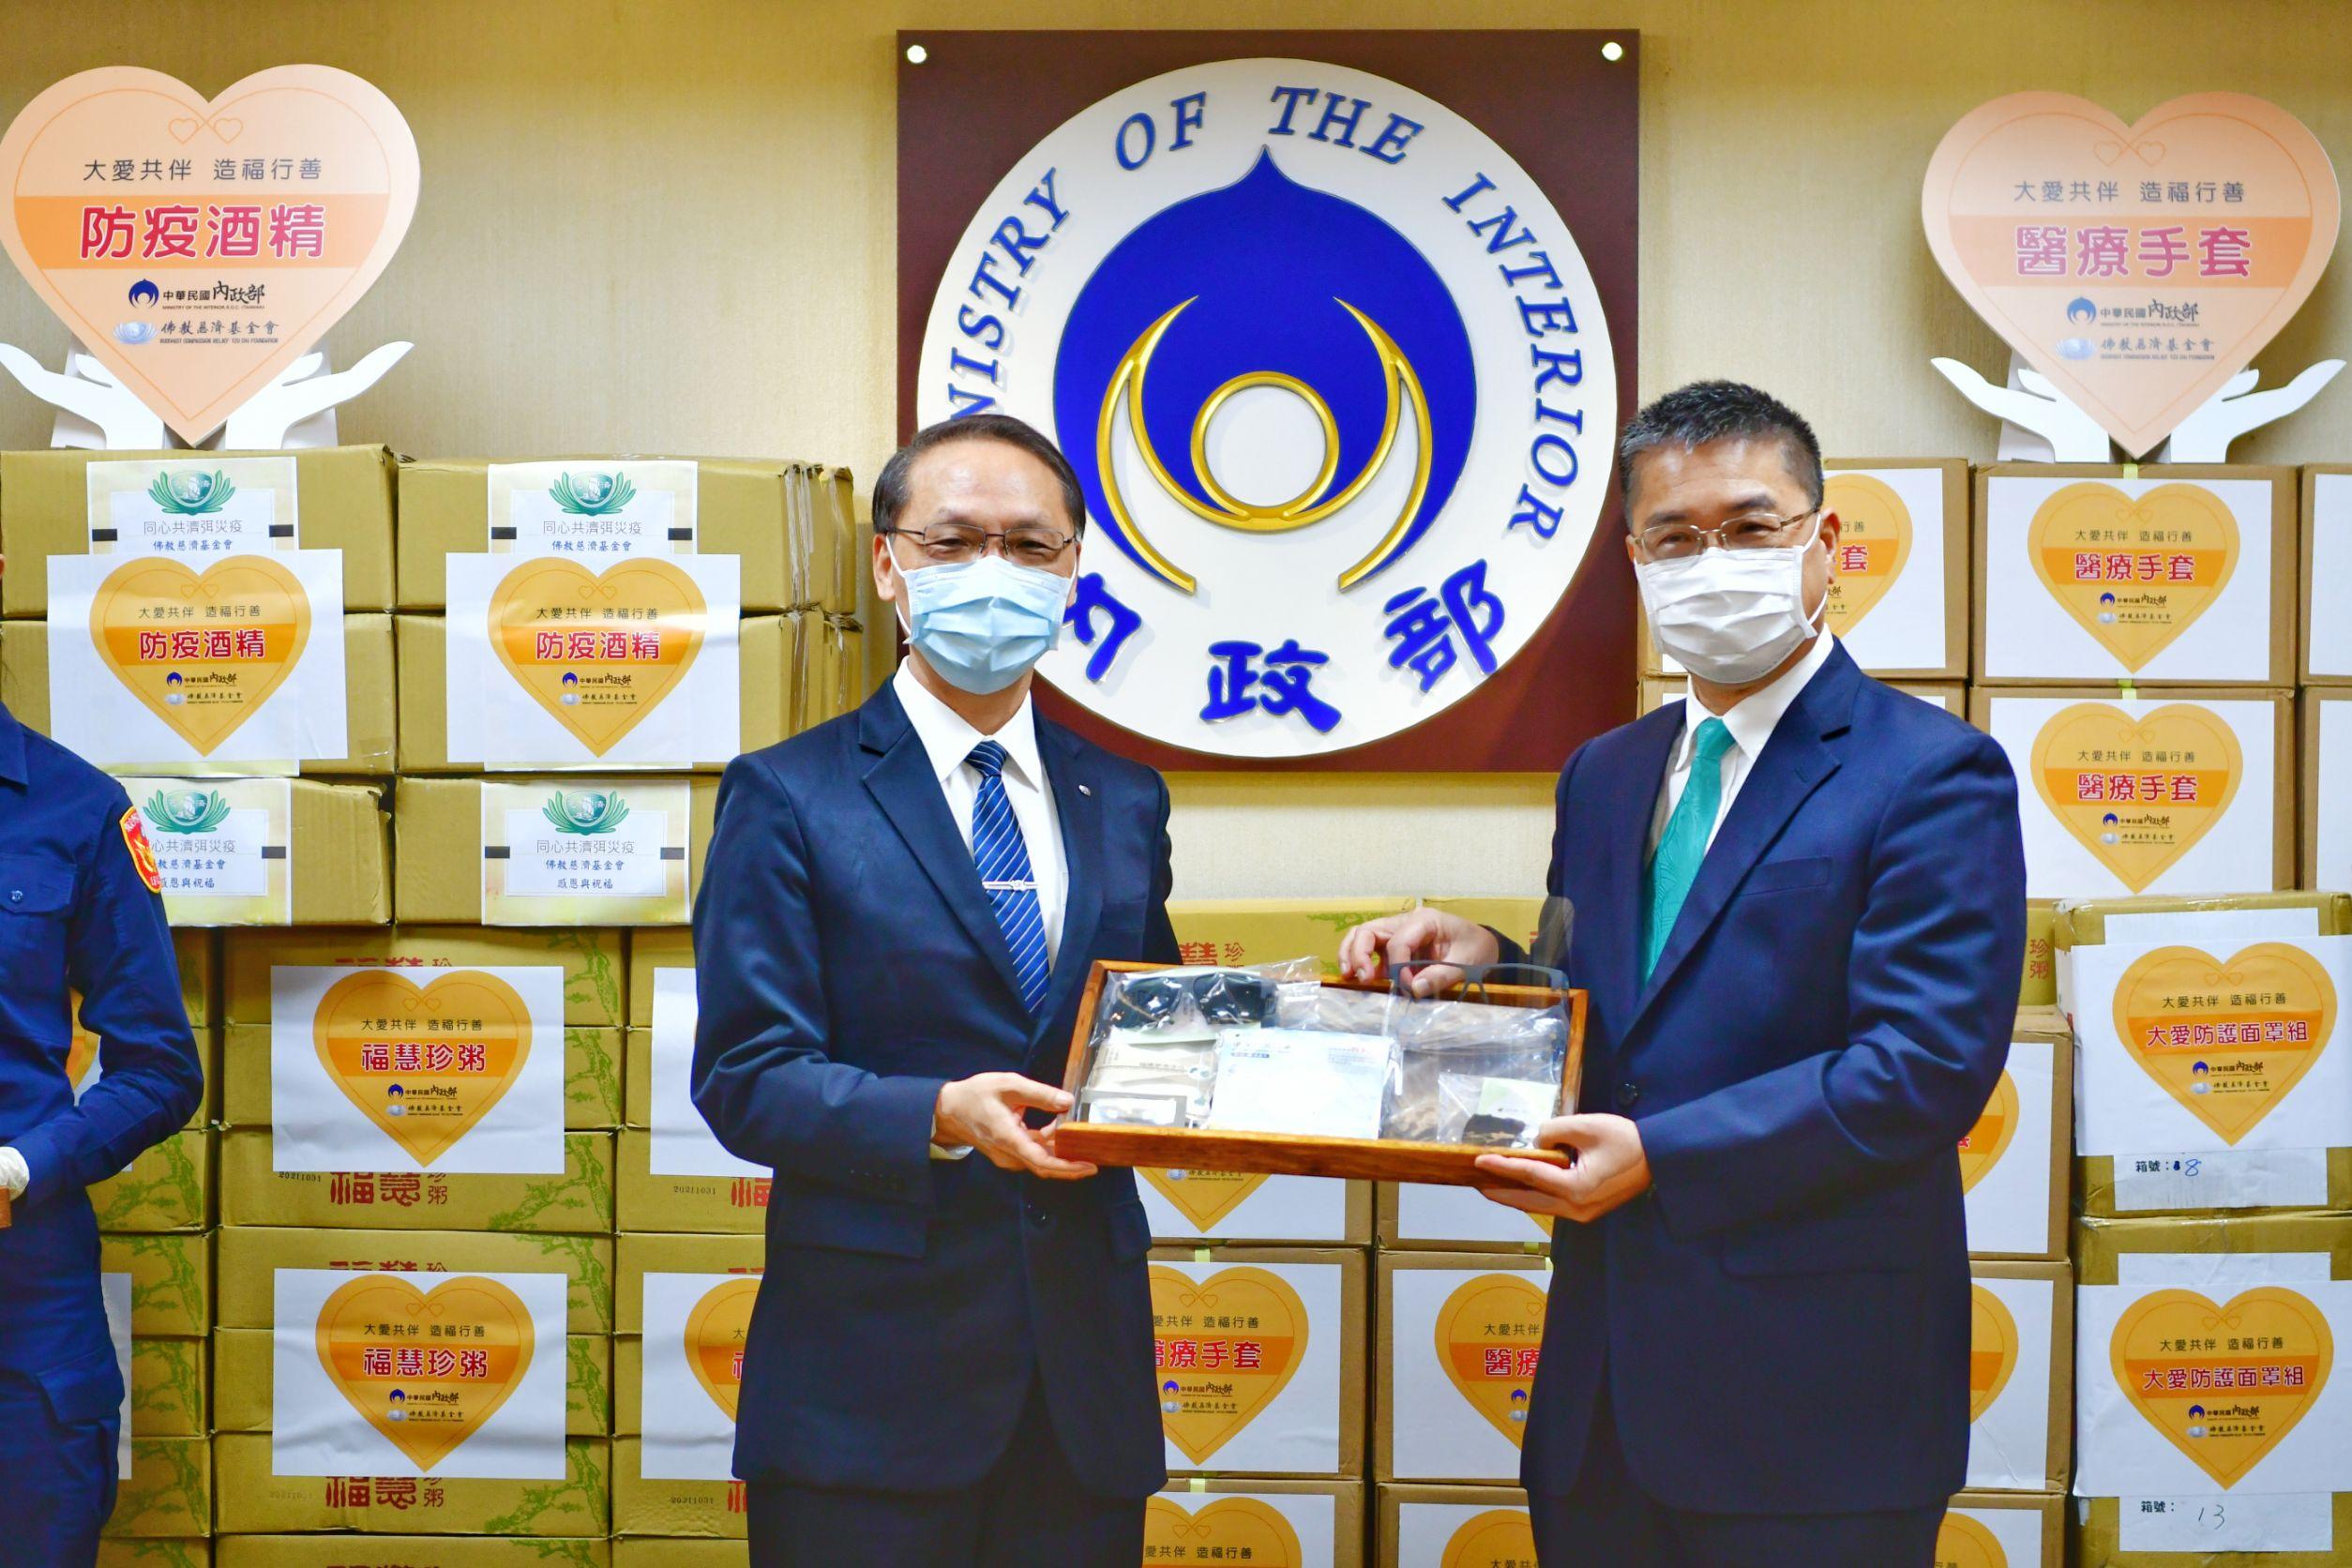 慈濟慈善事業基金會執行長顏博文(左)贈送防護用品予內政部長轉送第一線防疫人員